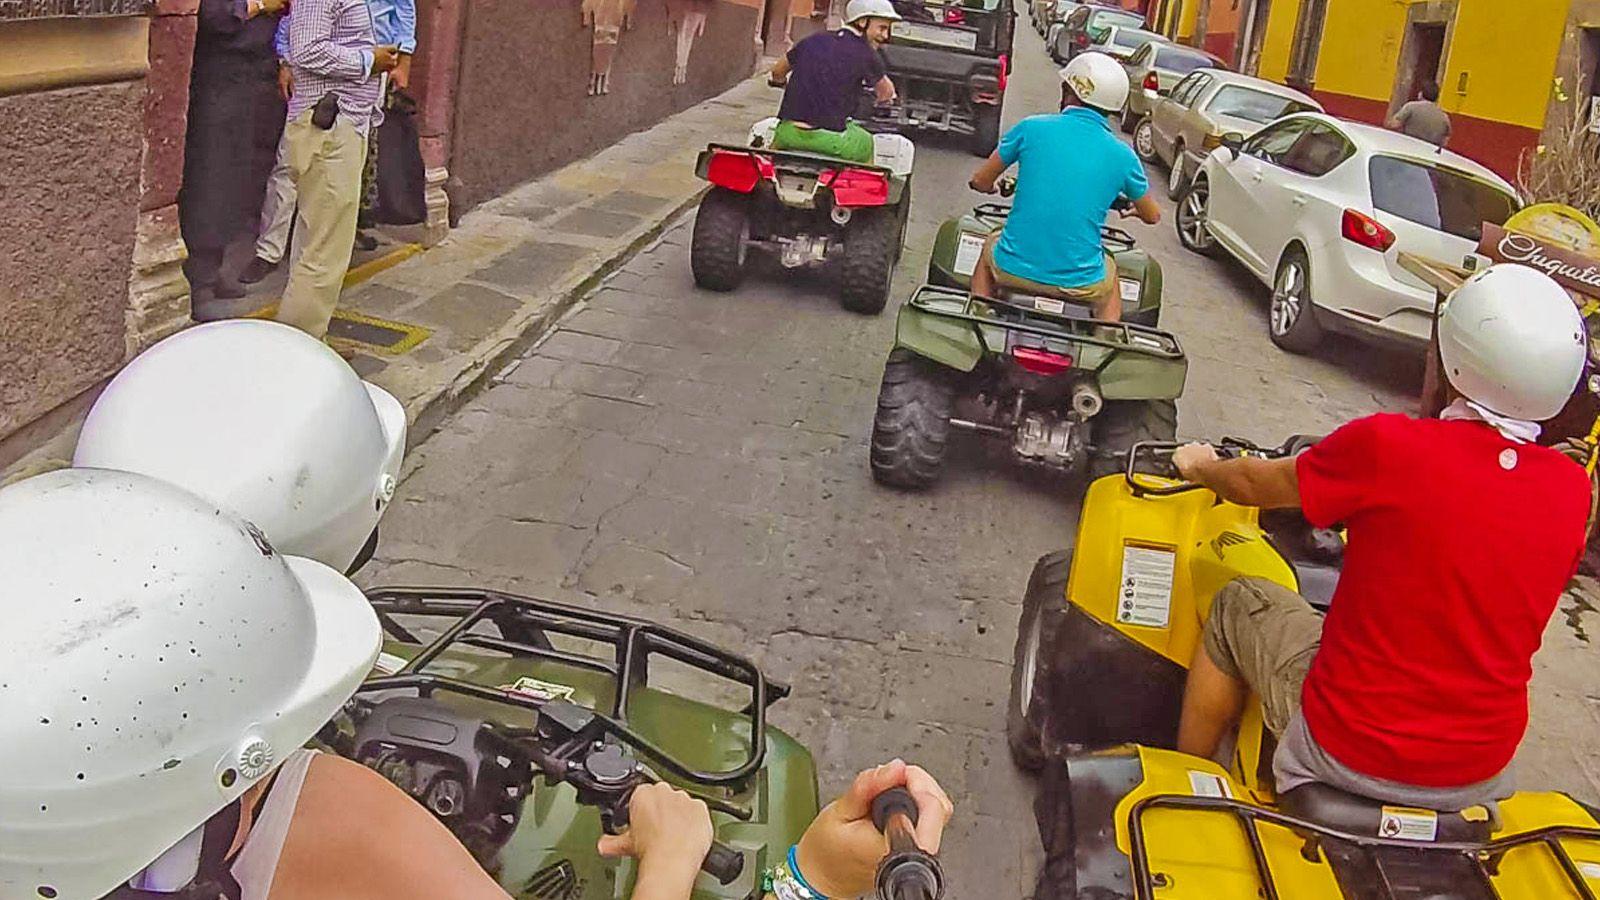 quads motos